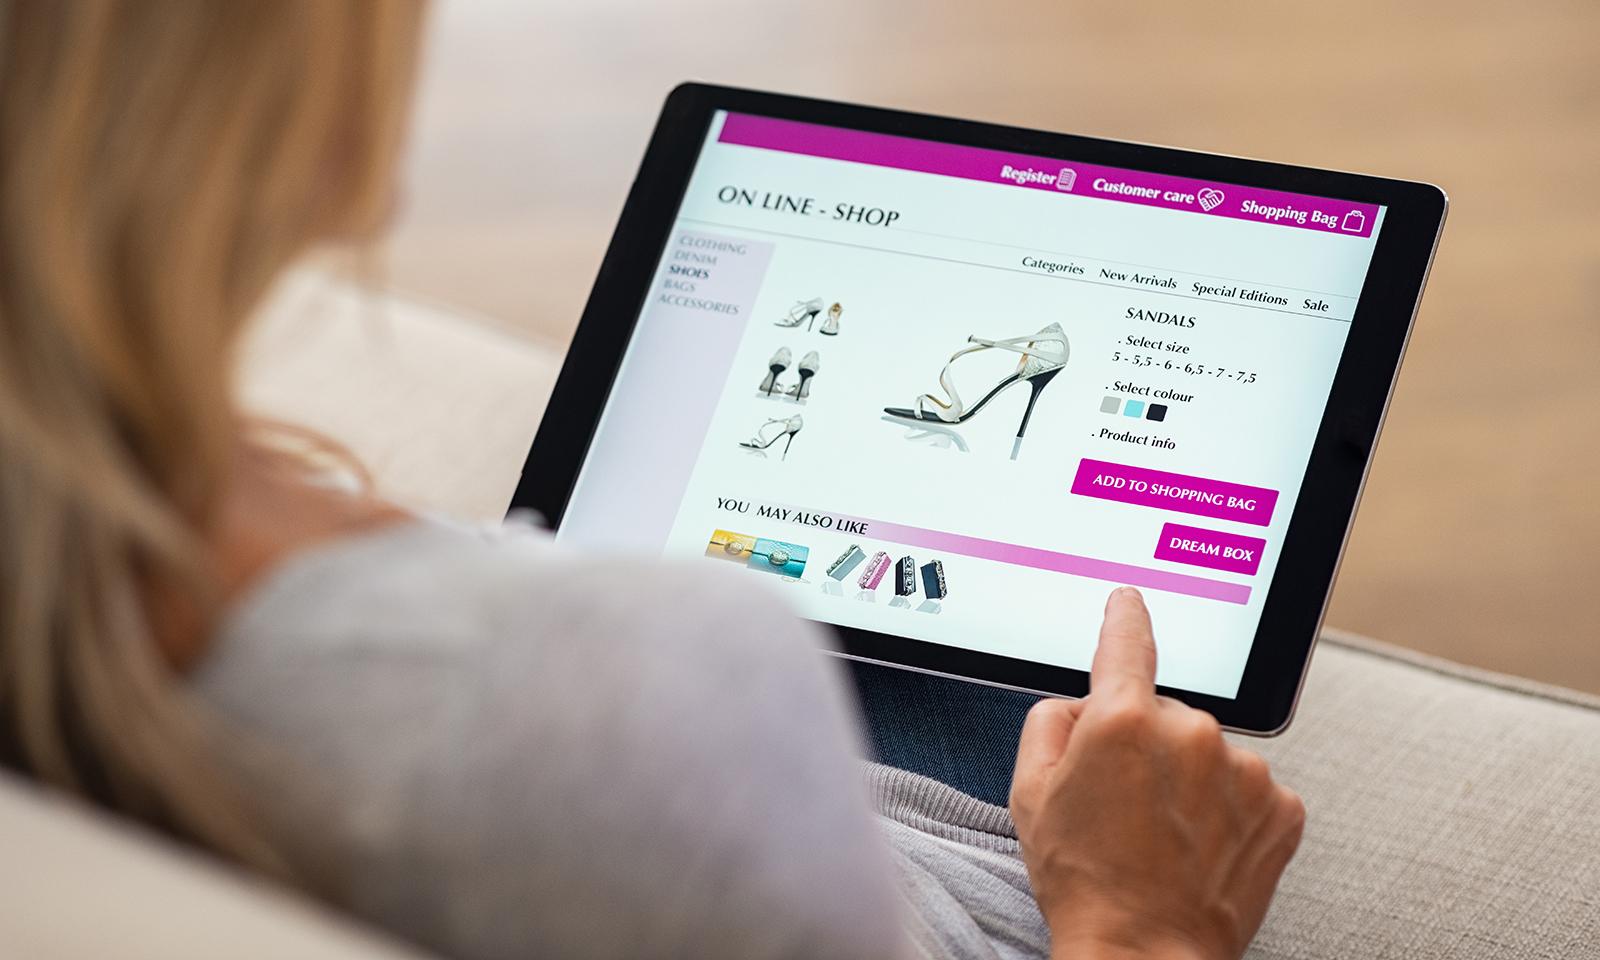 online-shopping-shoes-shoe-shopping-online-woman-shopping-virtually